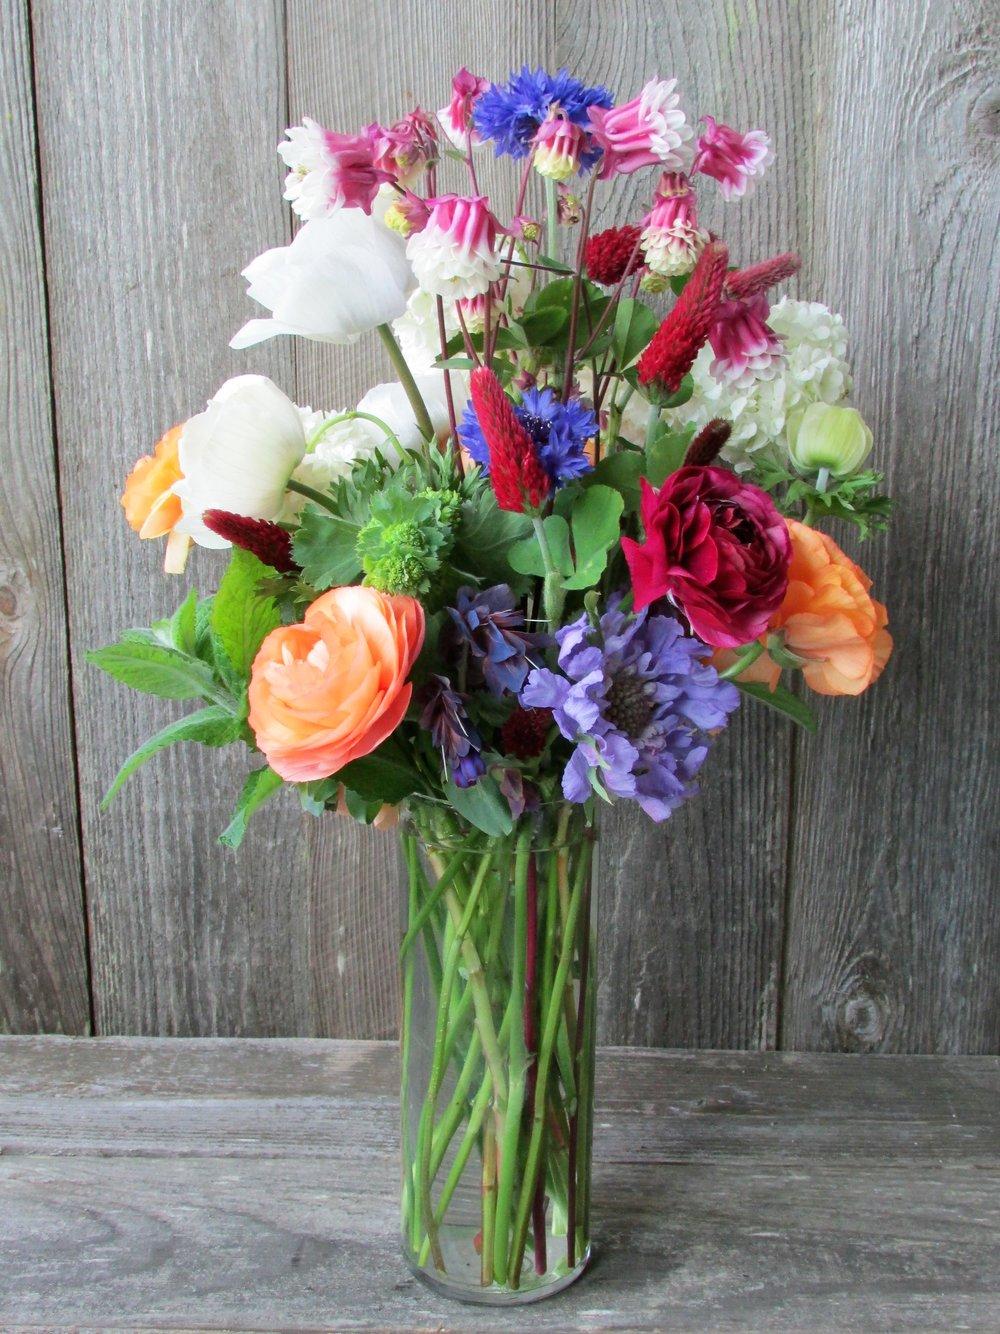 vases may 8 2017 002.JPG